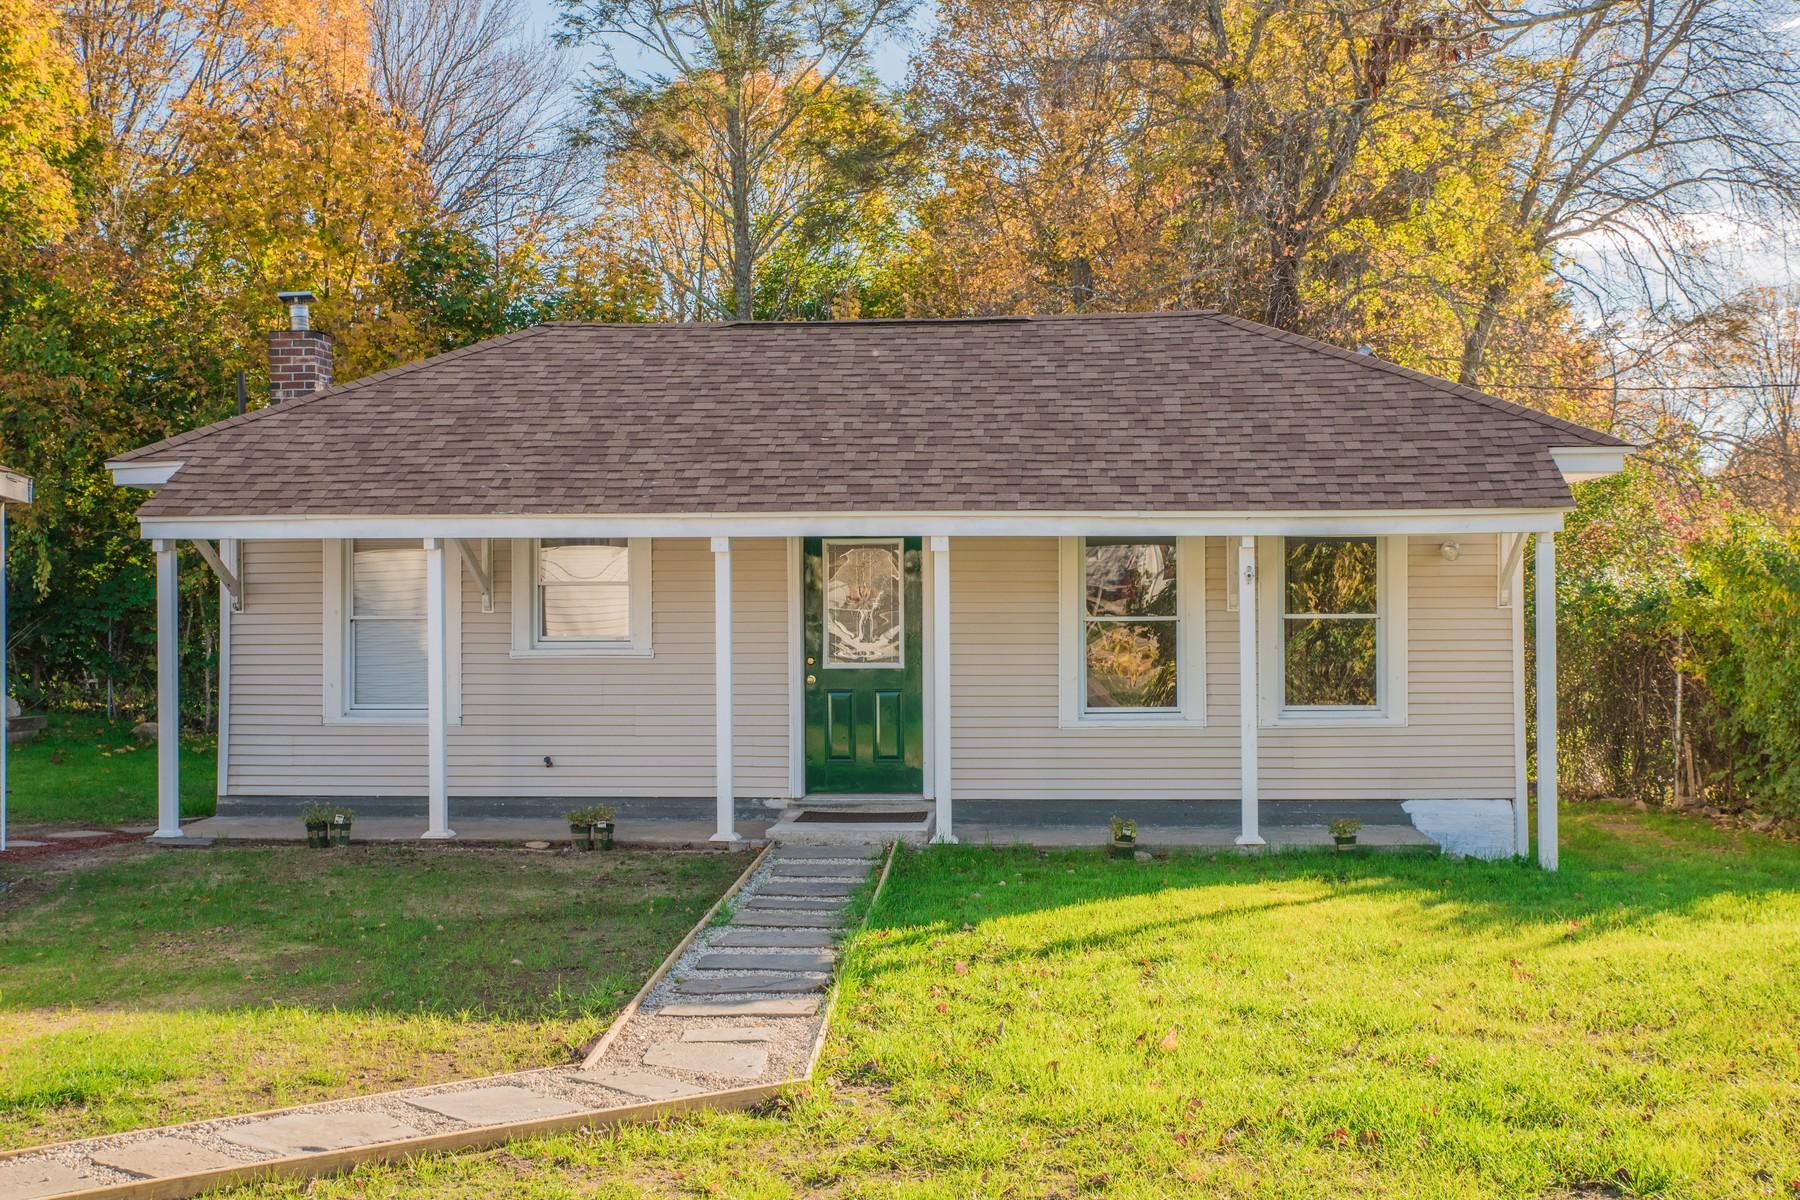 단독 가정 주택 용 매매 에 Newly Remodeled Bungalow 20 William St Waterford, 코네티컷, 06385 미국